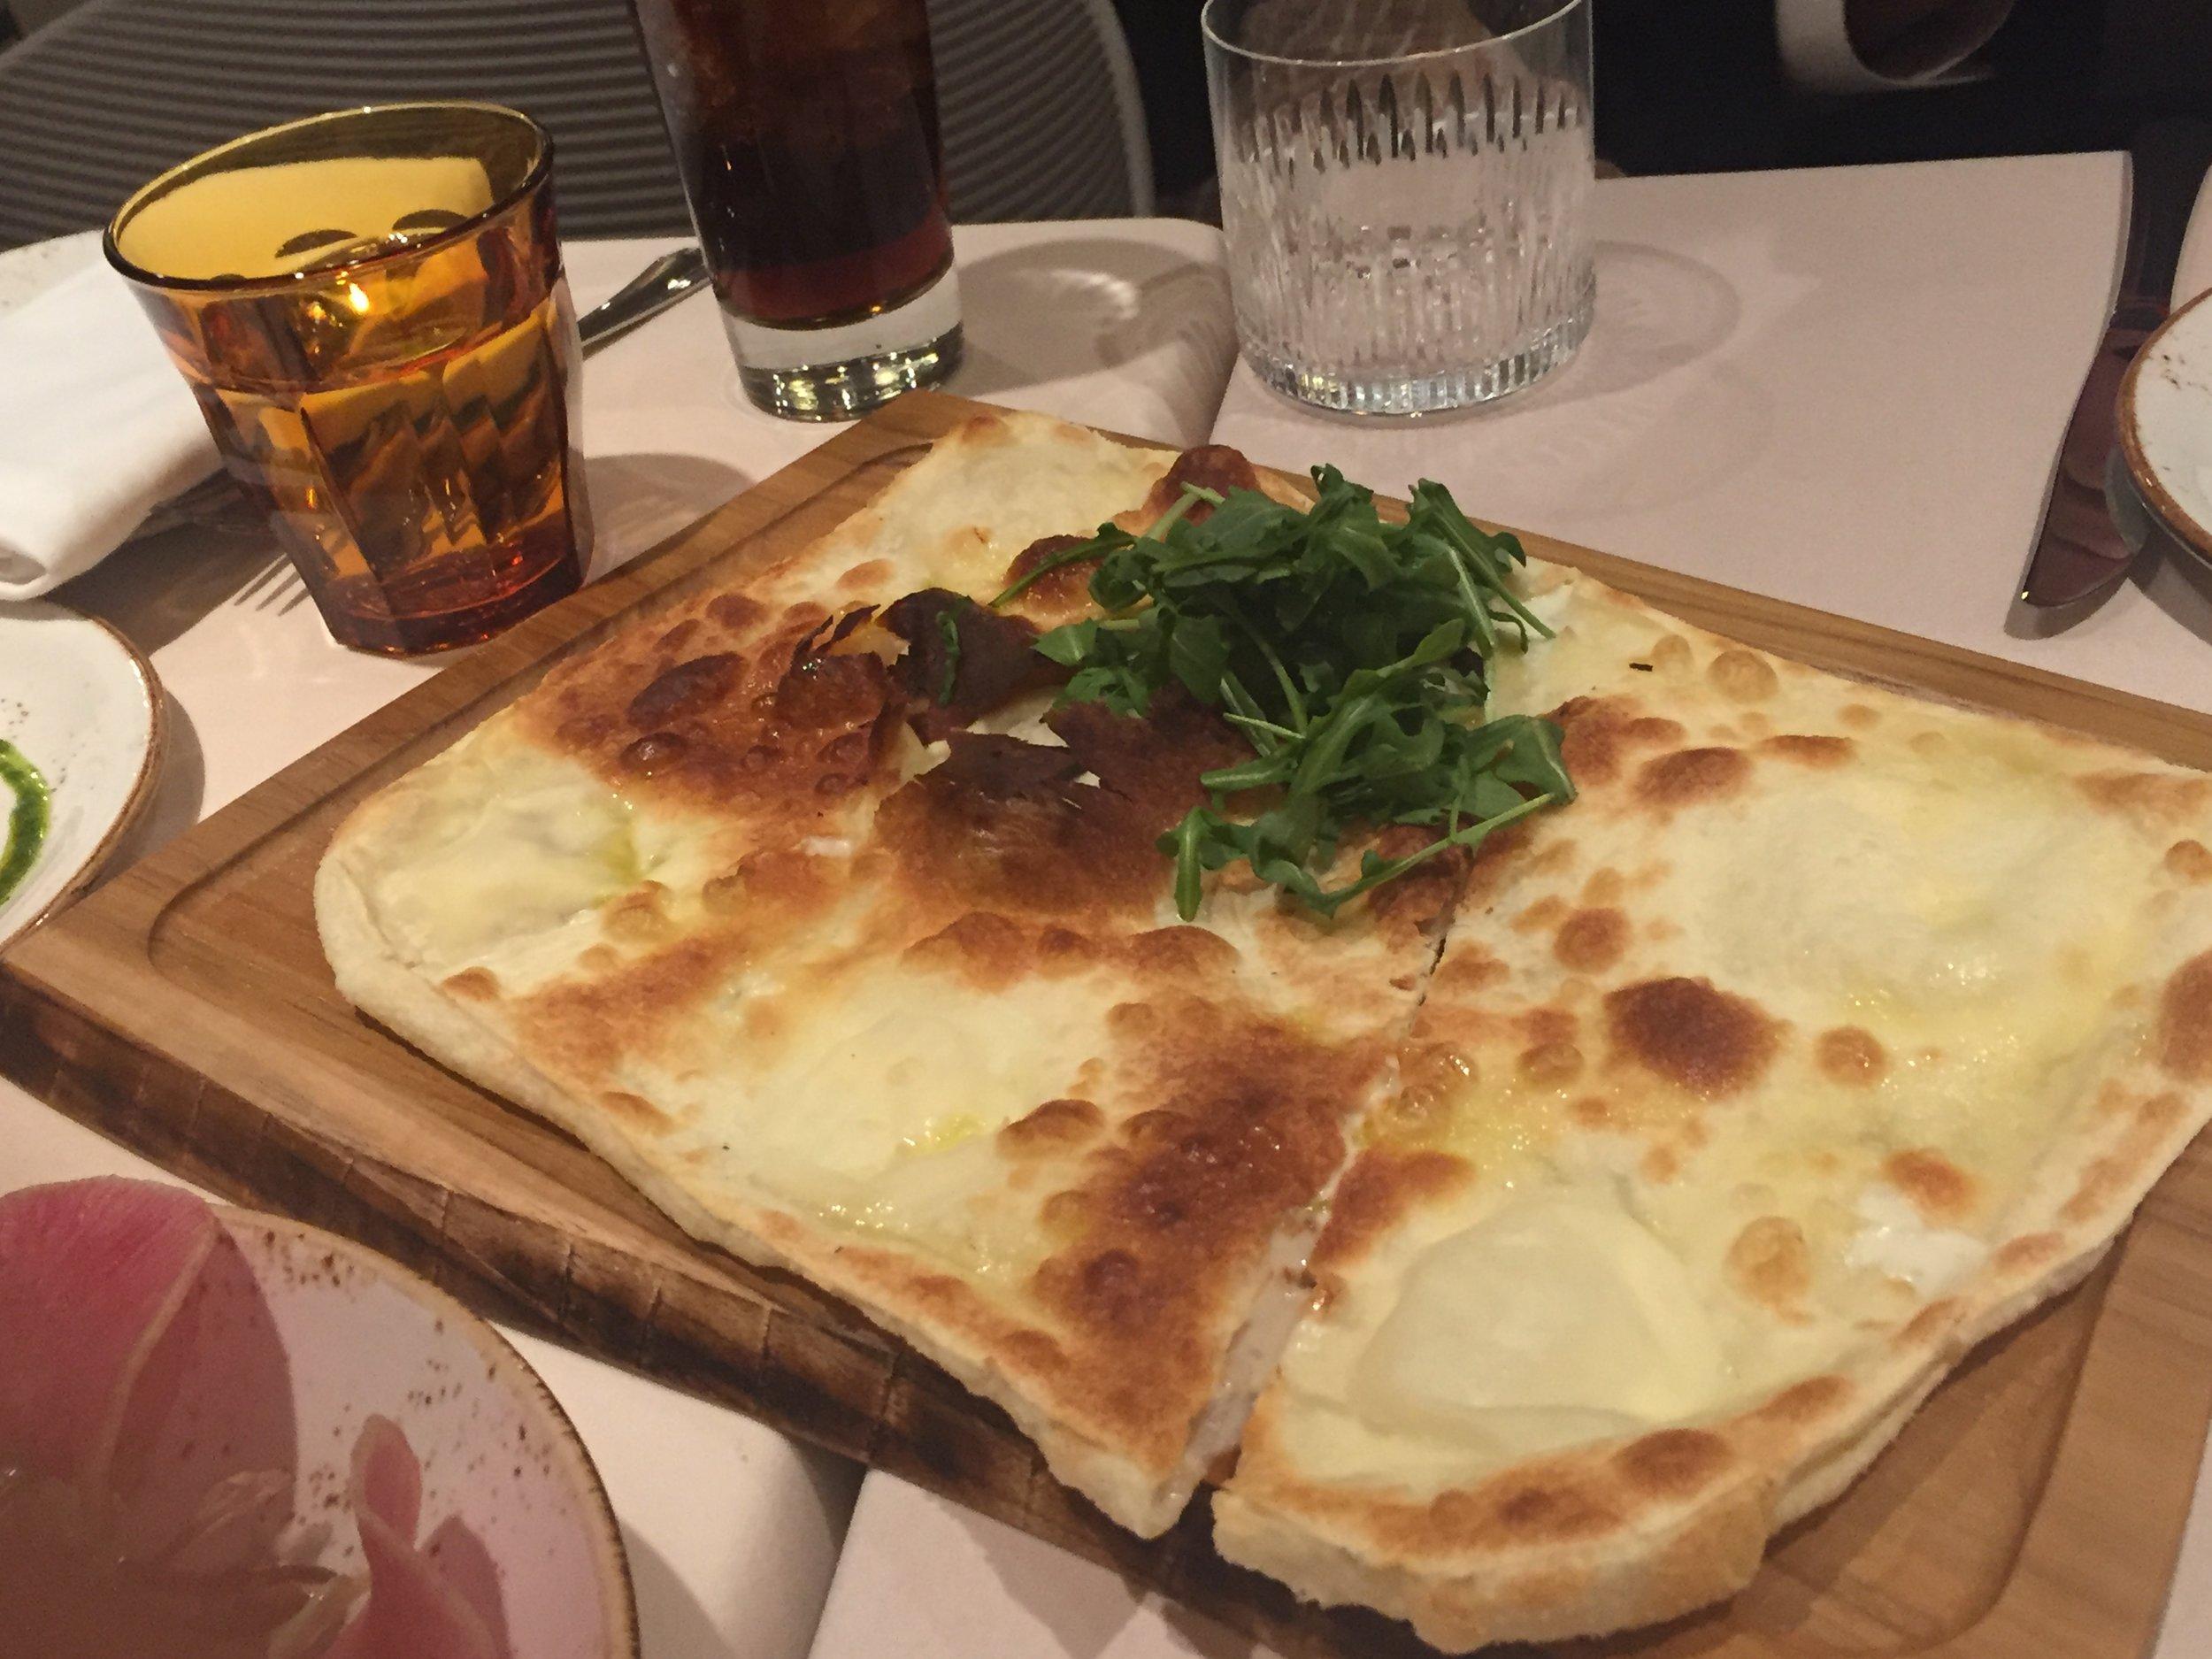 tradizionale - imported crescenza cheese, baby wild arugula, ligurian olive oil